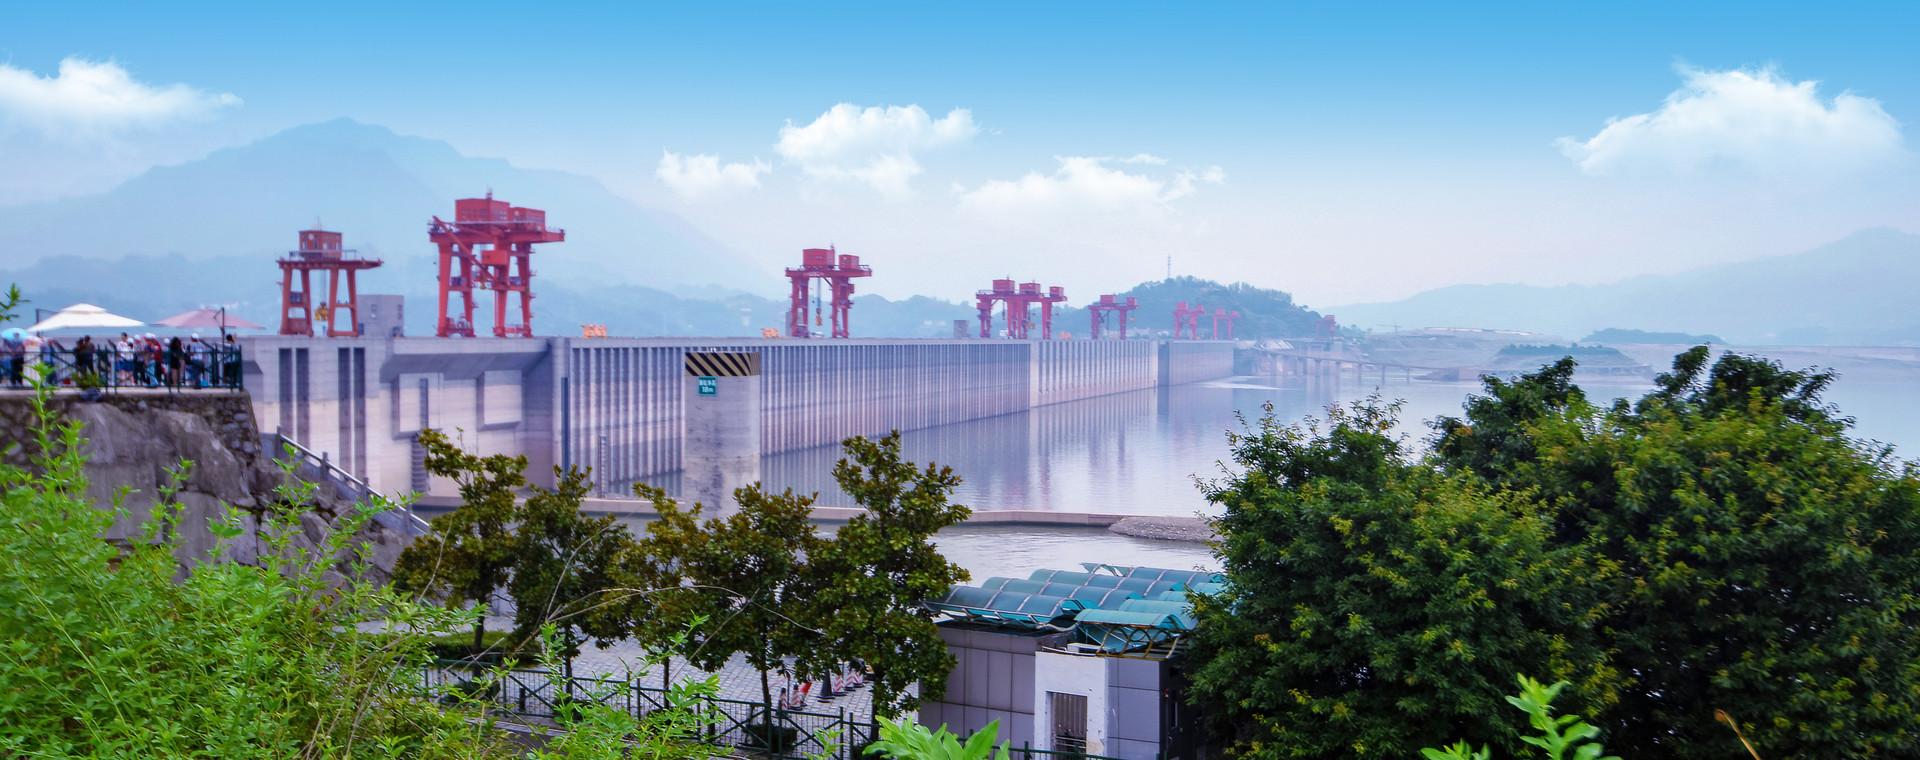 宜昌三峡大坝风景区(企业商用).jpg